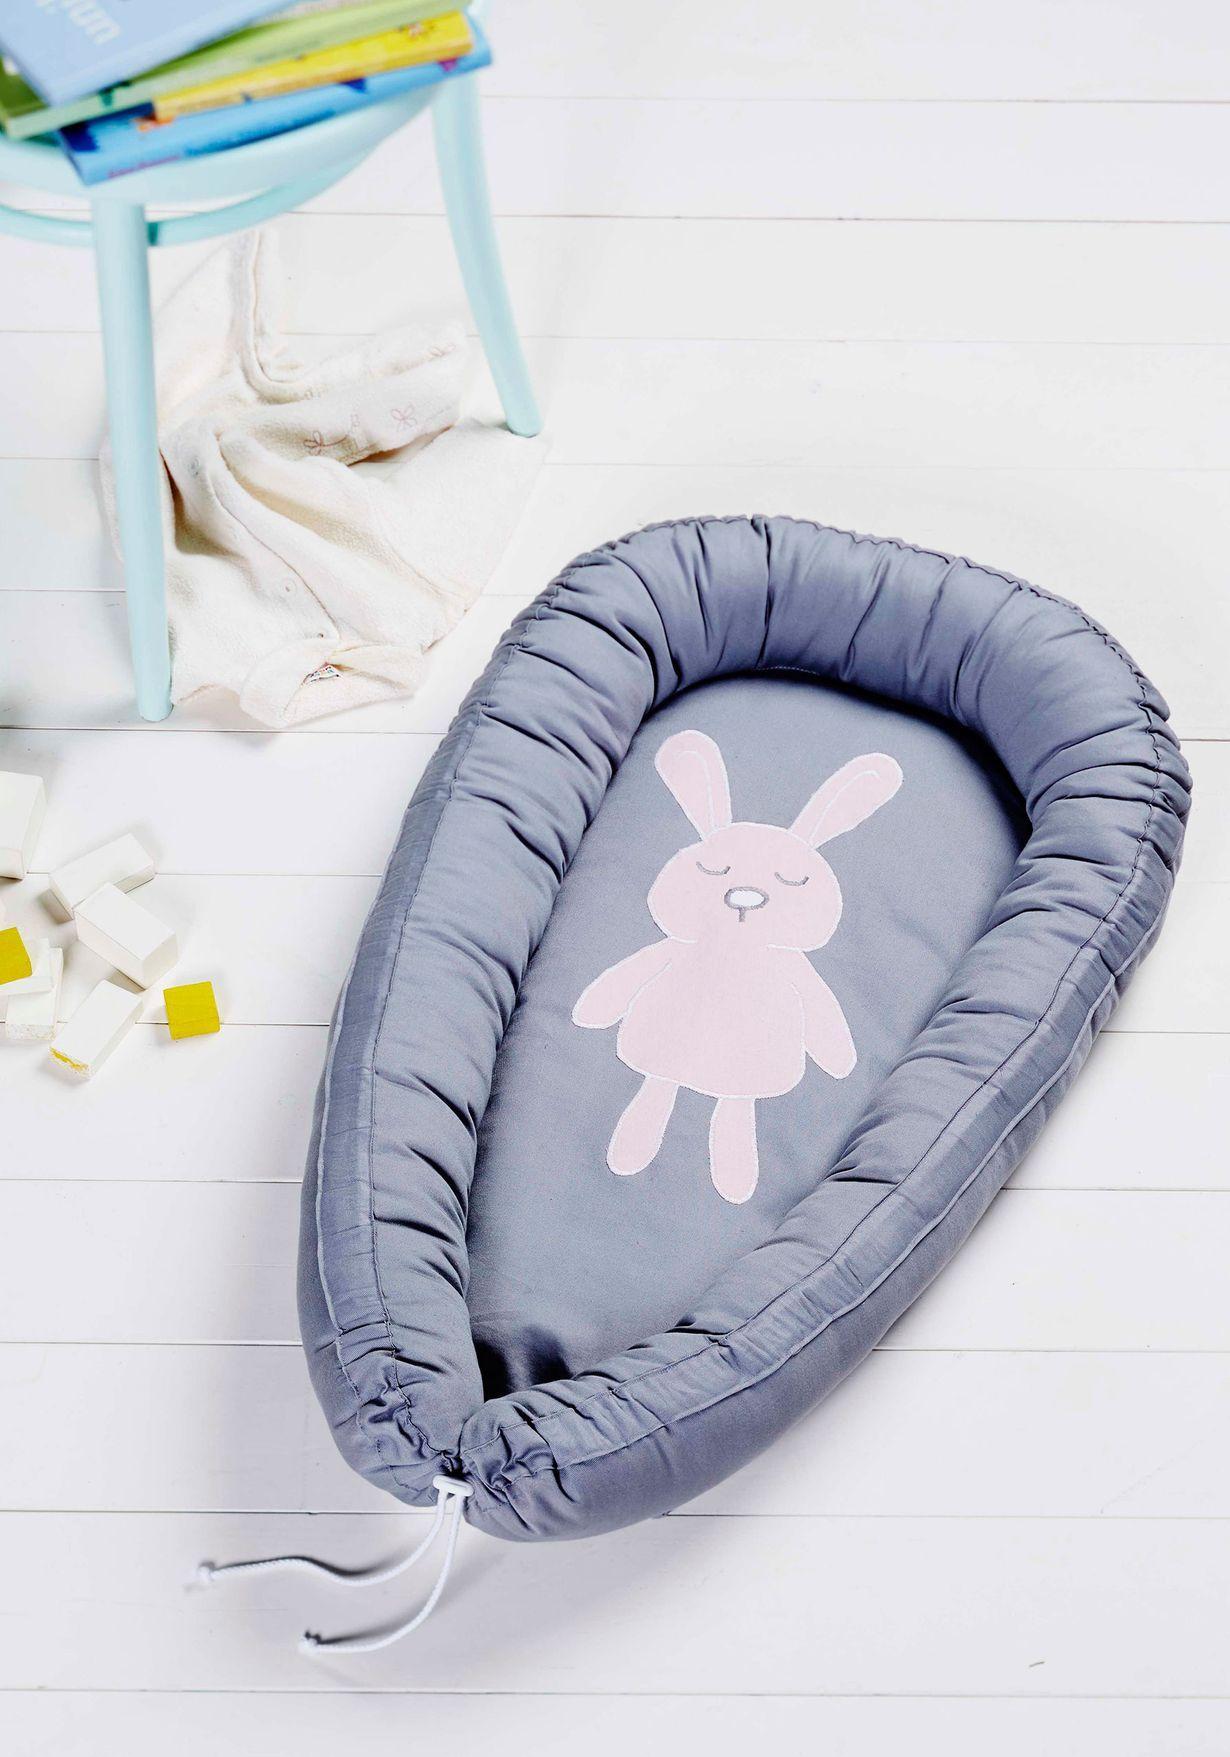 Pehmoinen vauvanpesä saa vastasyntyneen tuntemaan olonsa turvalliseksi. Ompele pesä itse ja applikoi siihen koristeeksi suloinen pupu.